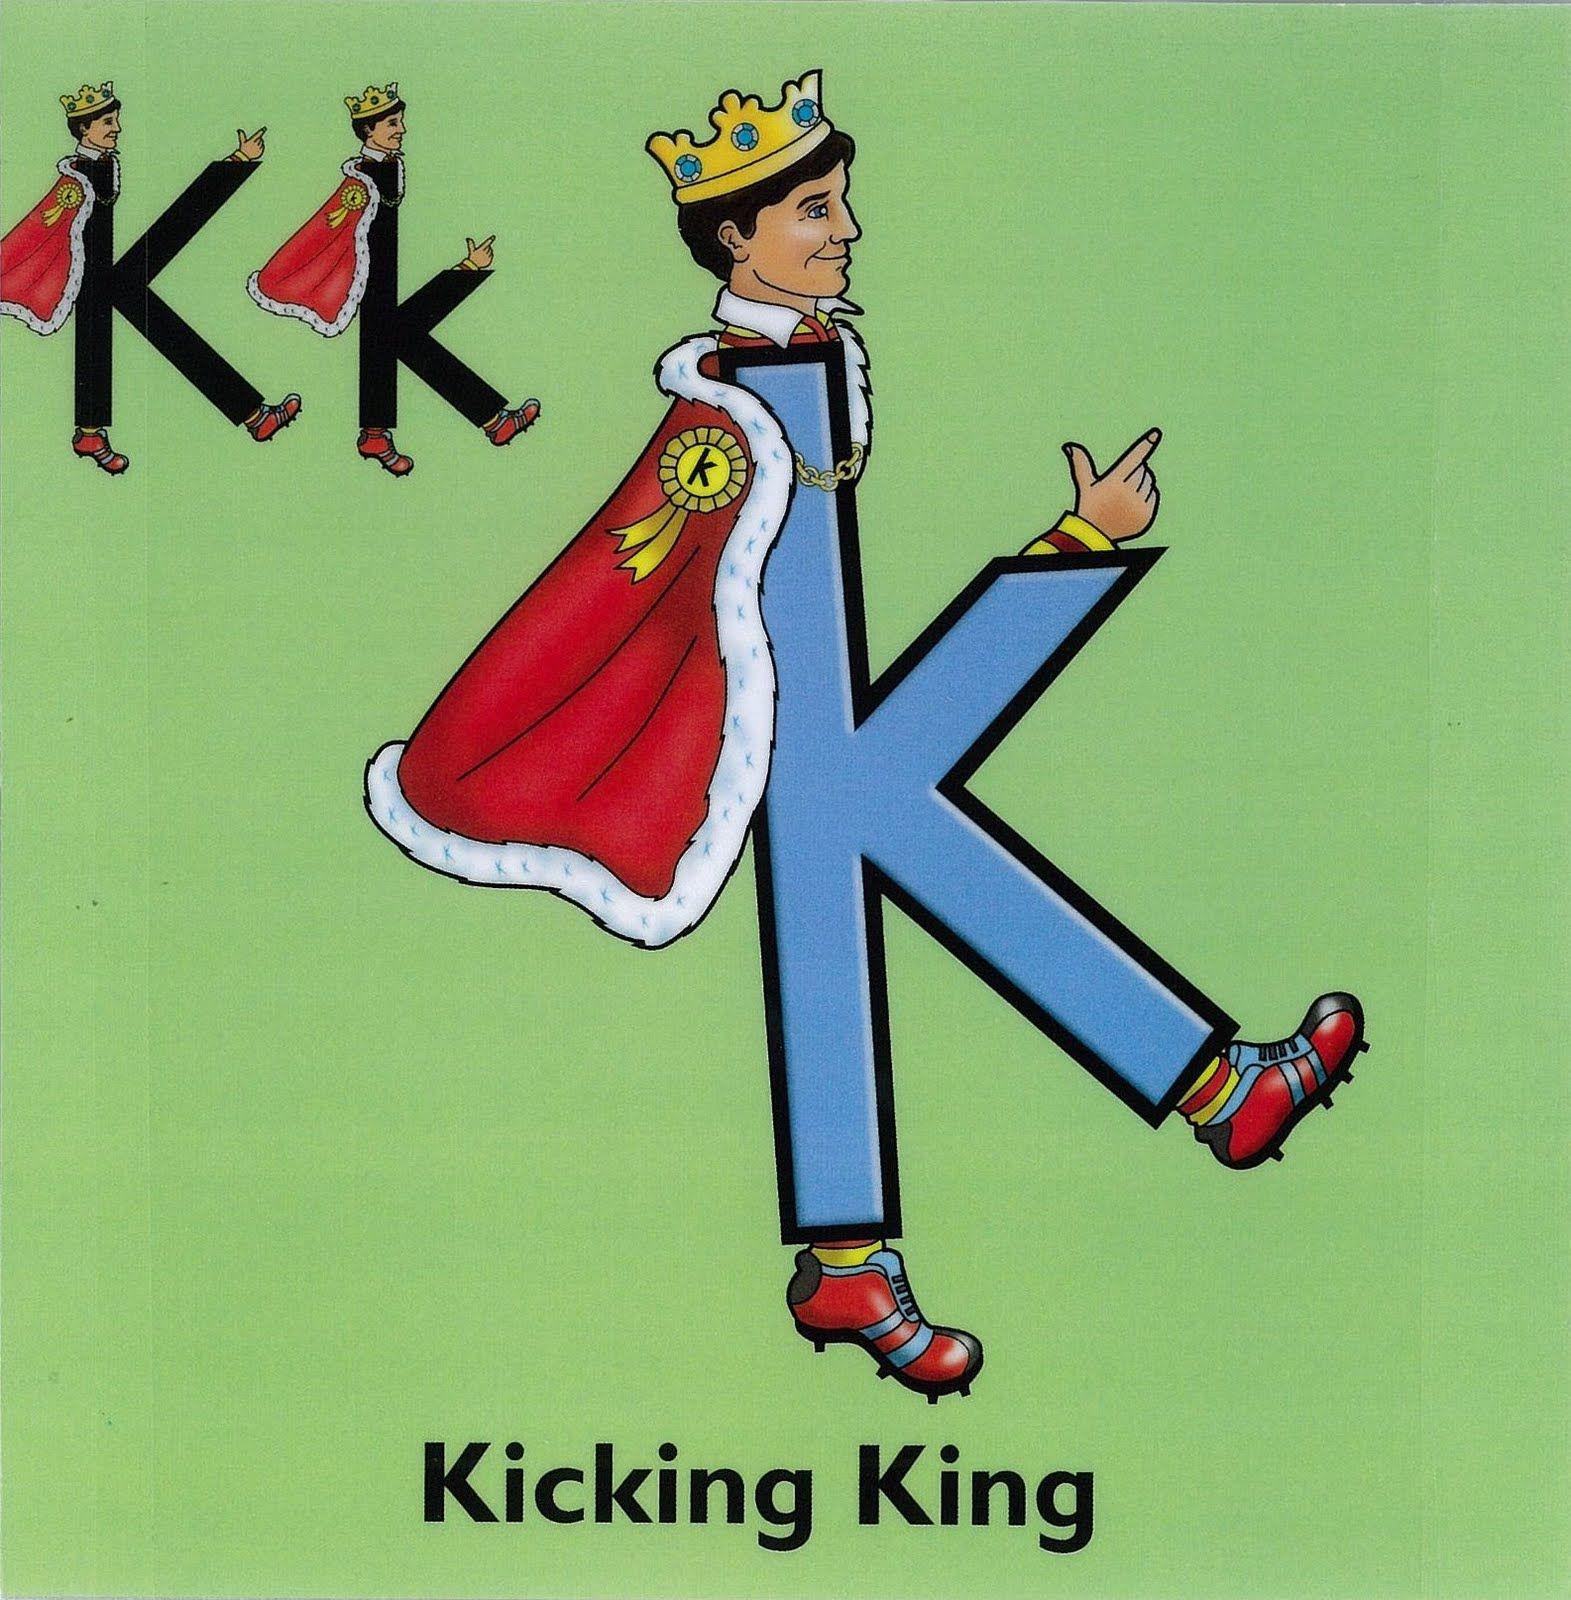 Kick King